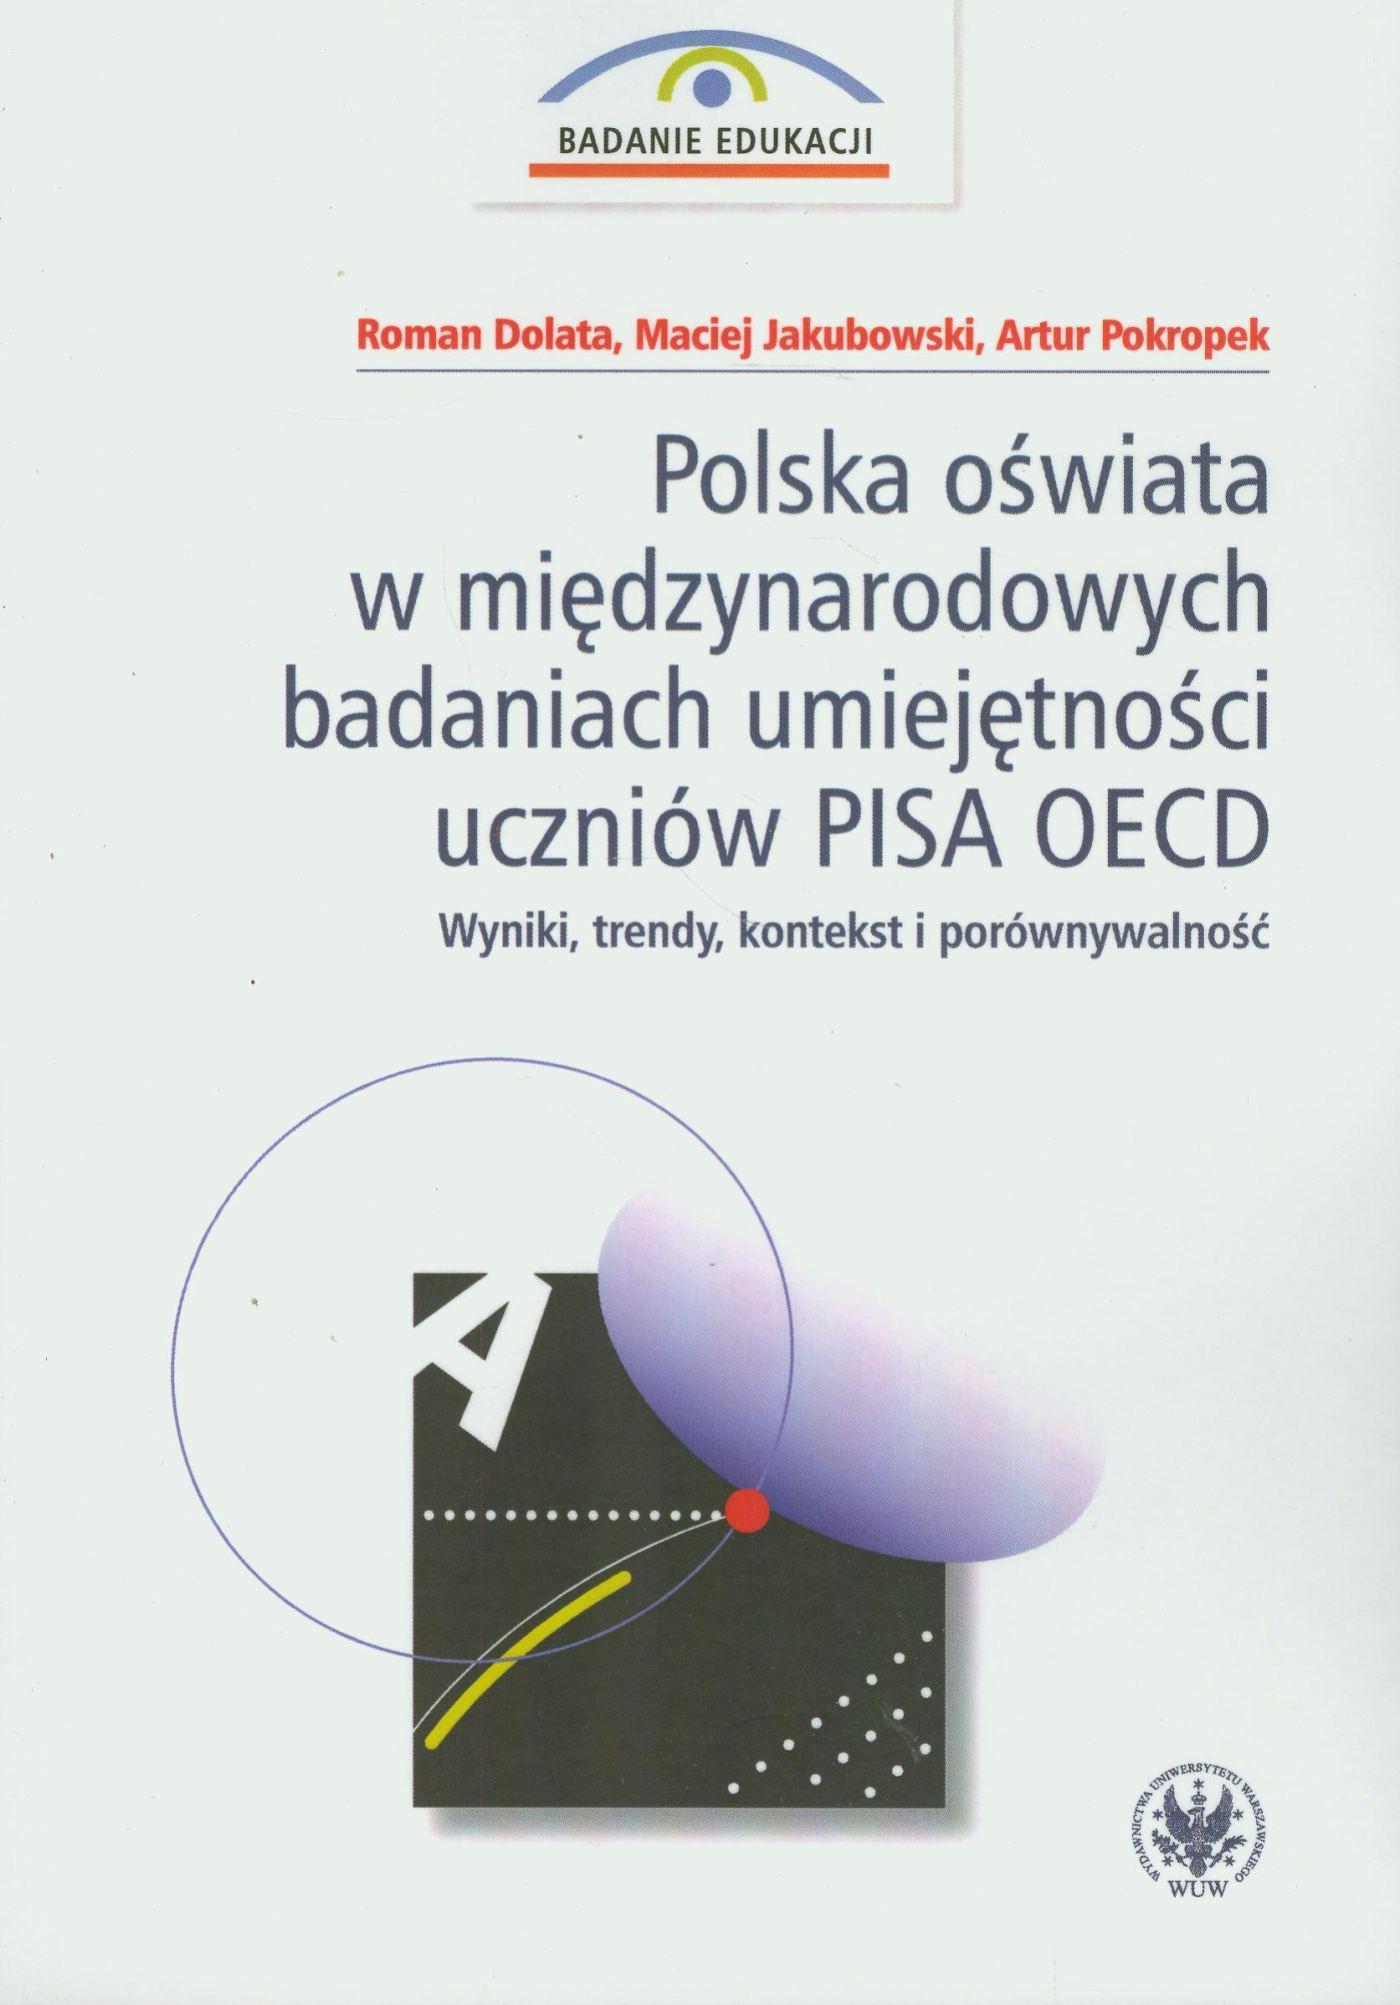 Polska oświata w międzynarodowych badaniach umiejętności uczniów PISA OECD - Ebook (Książka PDF) do pobrania w formacie PDF